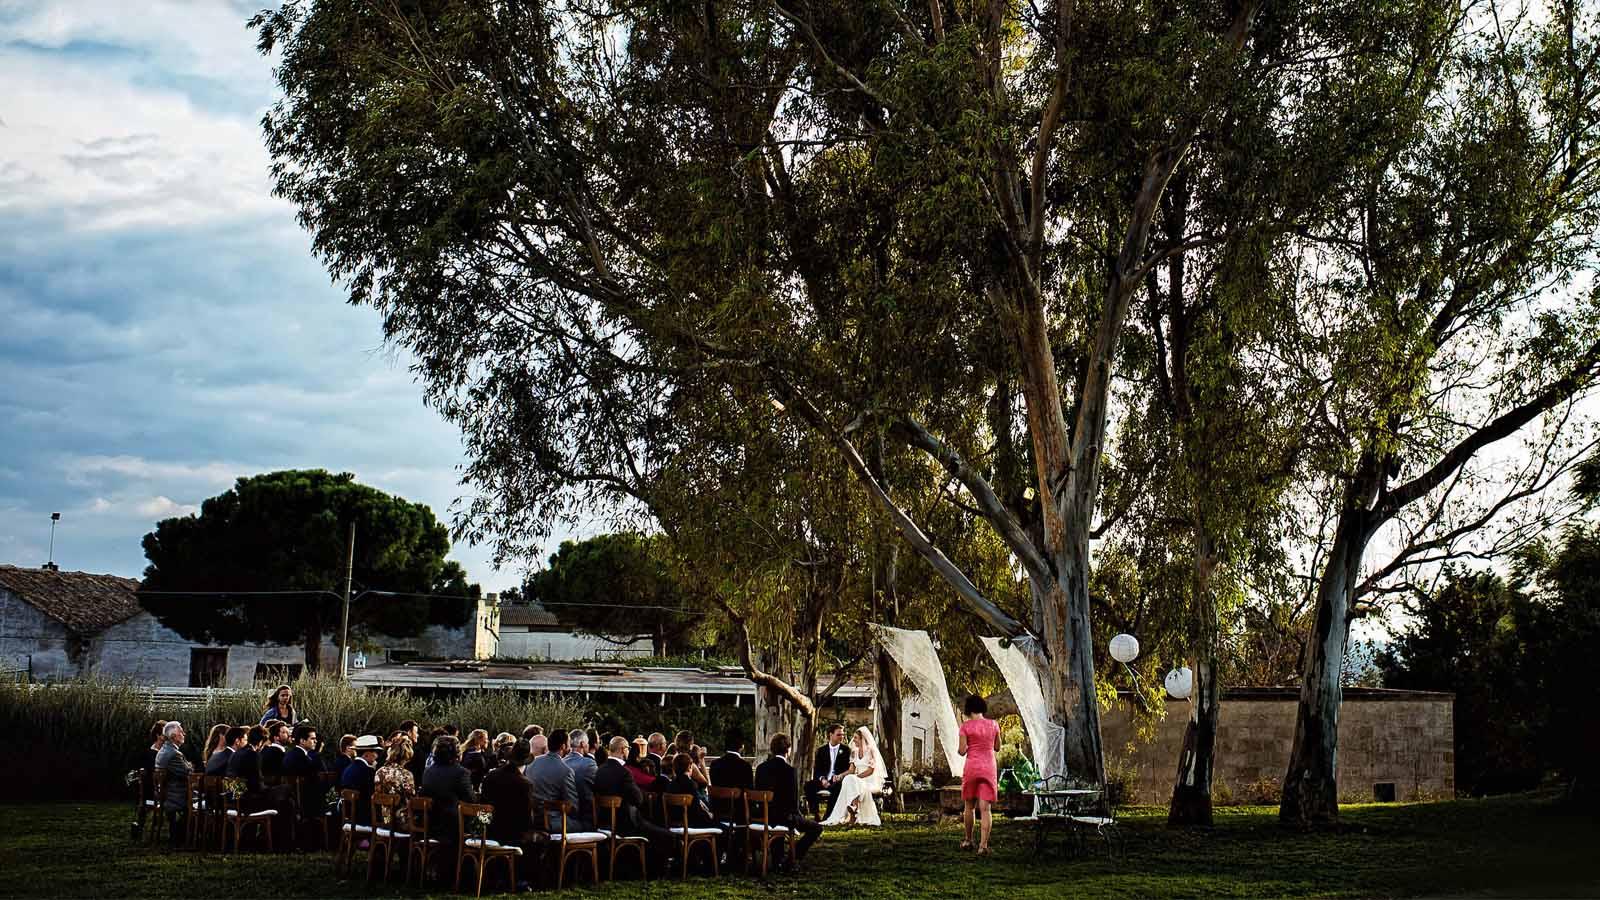 sud-experience-organizzazione-progettazione-matrimoni-eventi-aziendali-feste-private-incentive-sud-italia-puglia-location-borgo-valle-rita-rito-civile-quercia